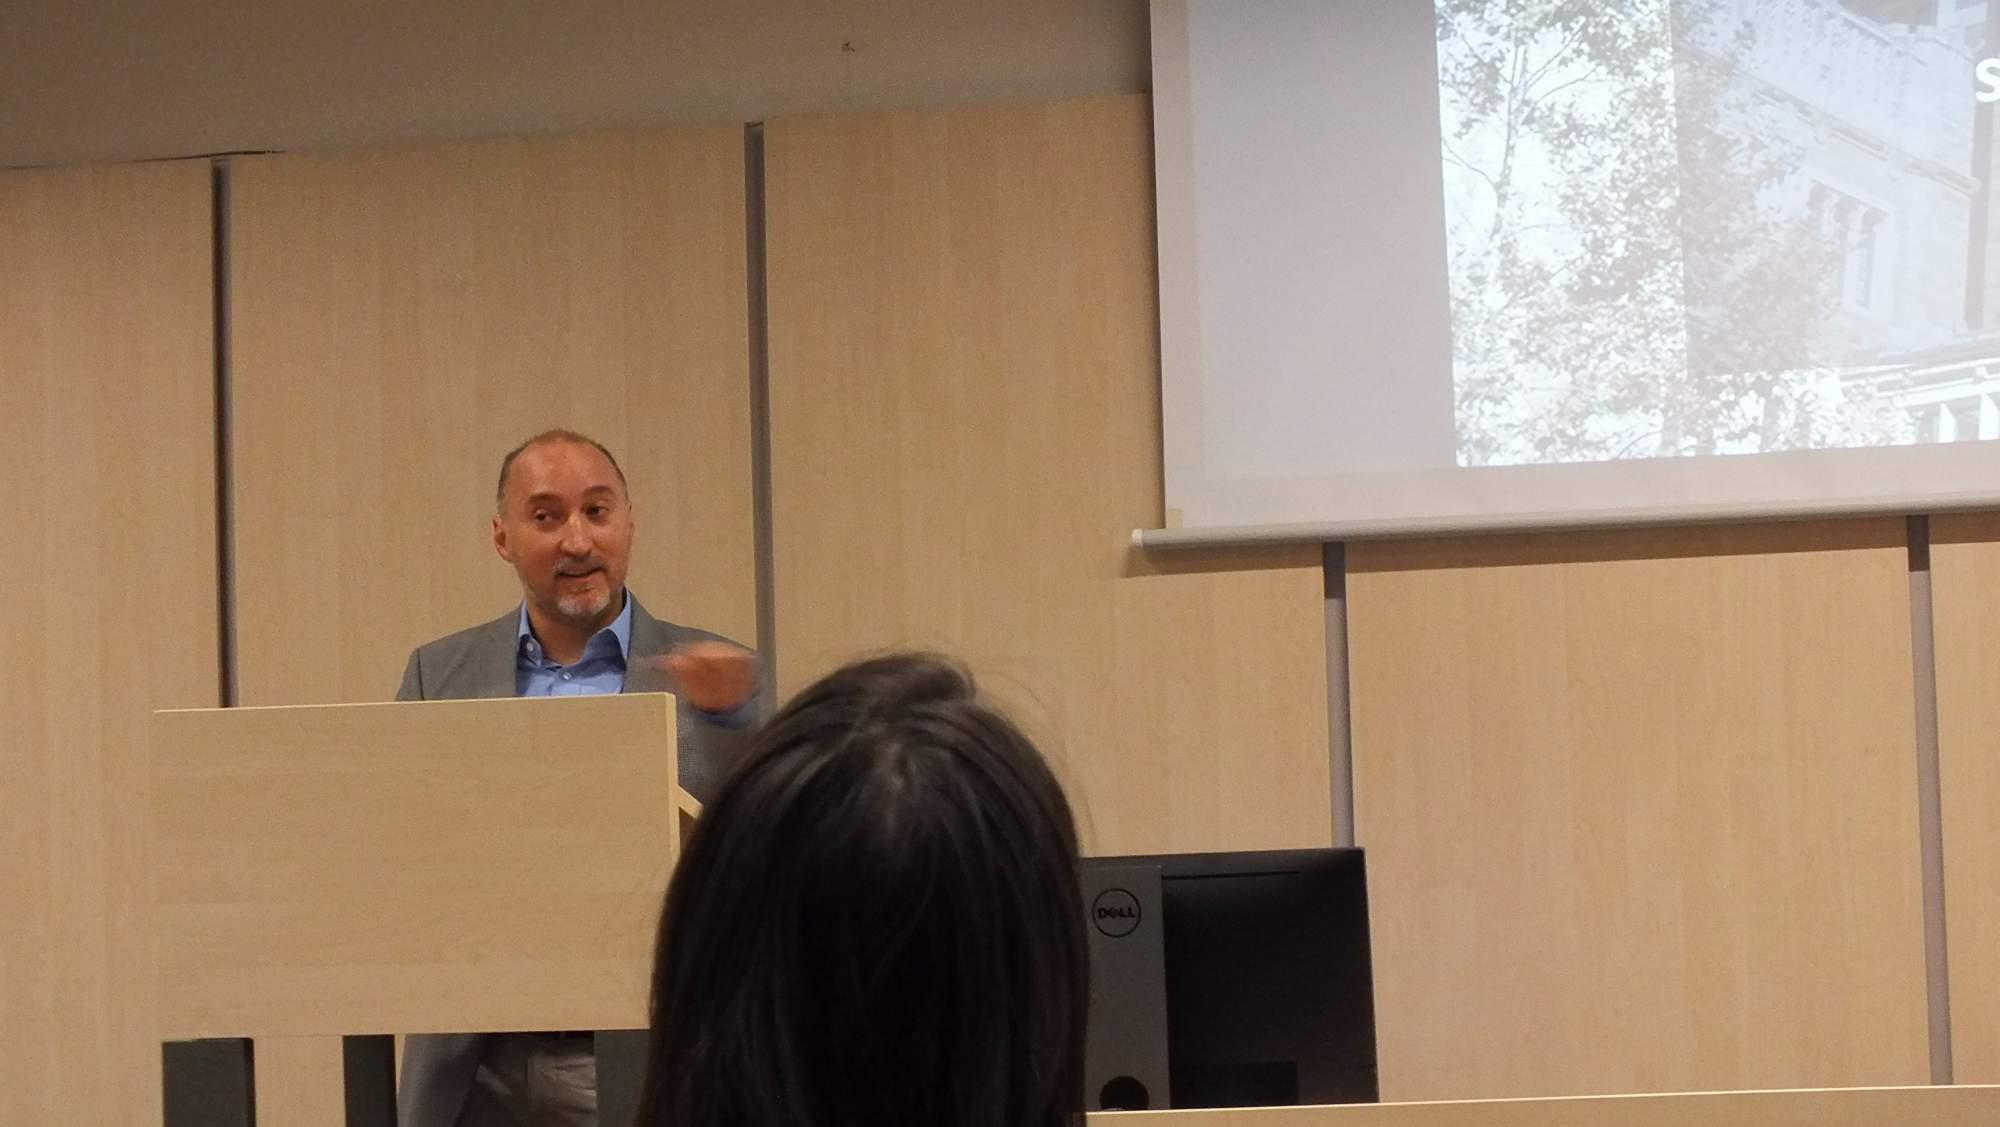 Jakub Tesař z Fulbrightovy komise přednášel o studijních stipendiích a externích nadacích